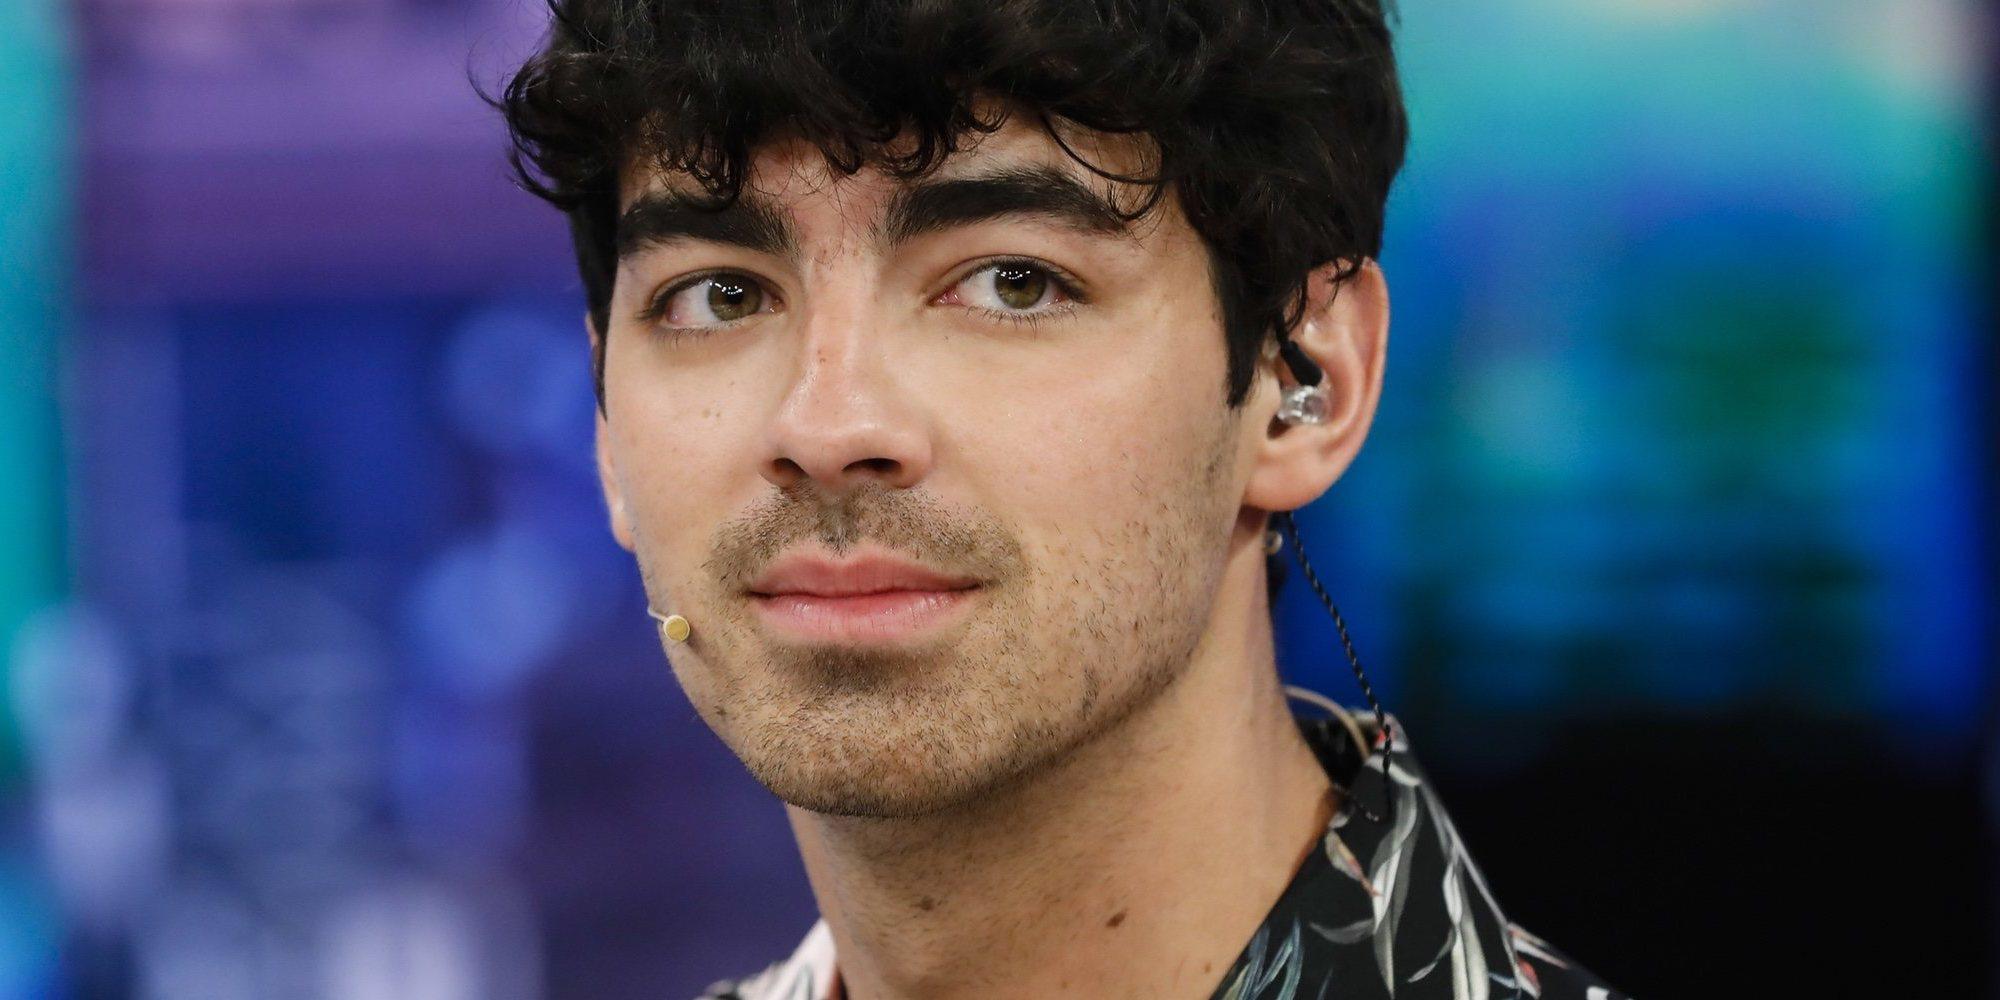 Joe Jonas confiesa que sus padres se enteraron de su boda con Sophie Turner a través de internet